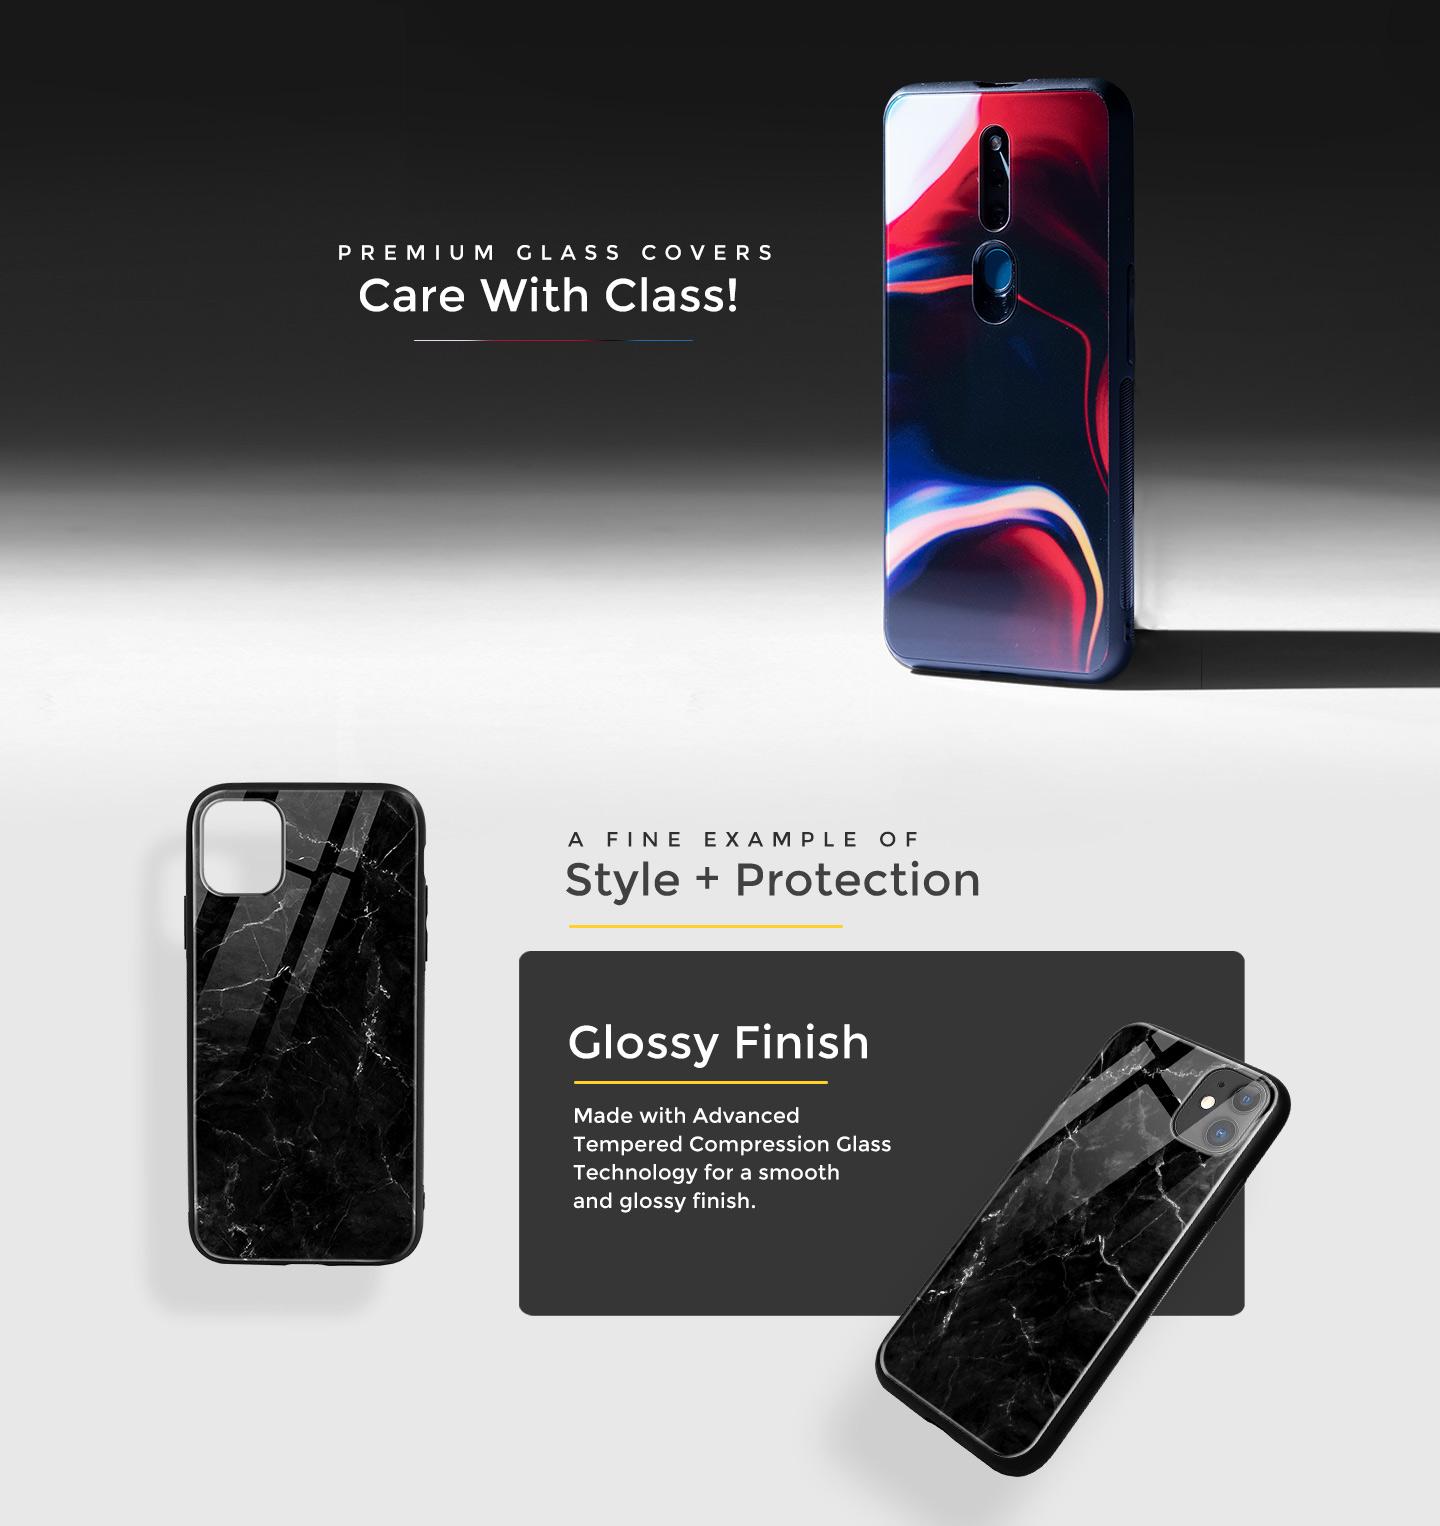 Premium Glass Cover